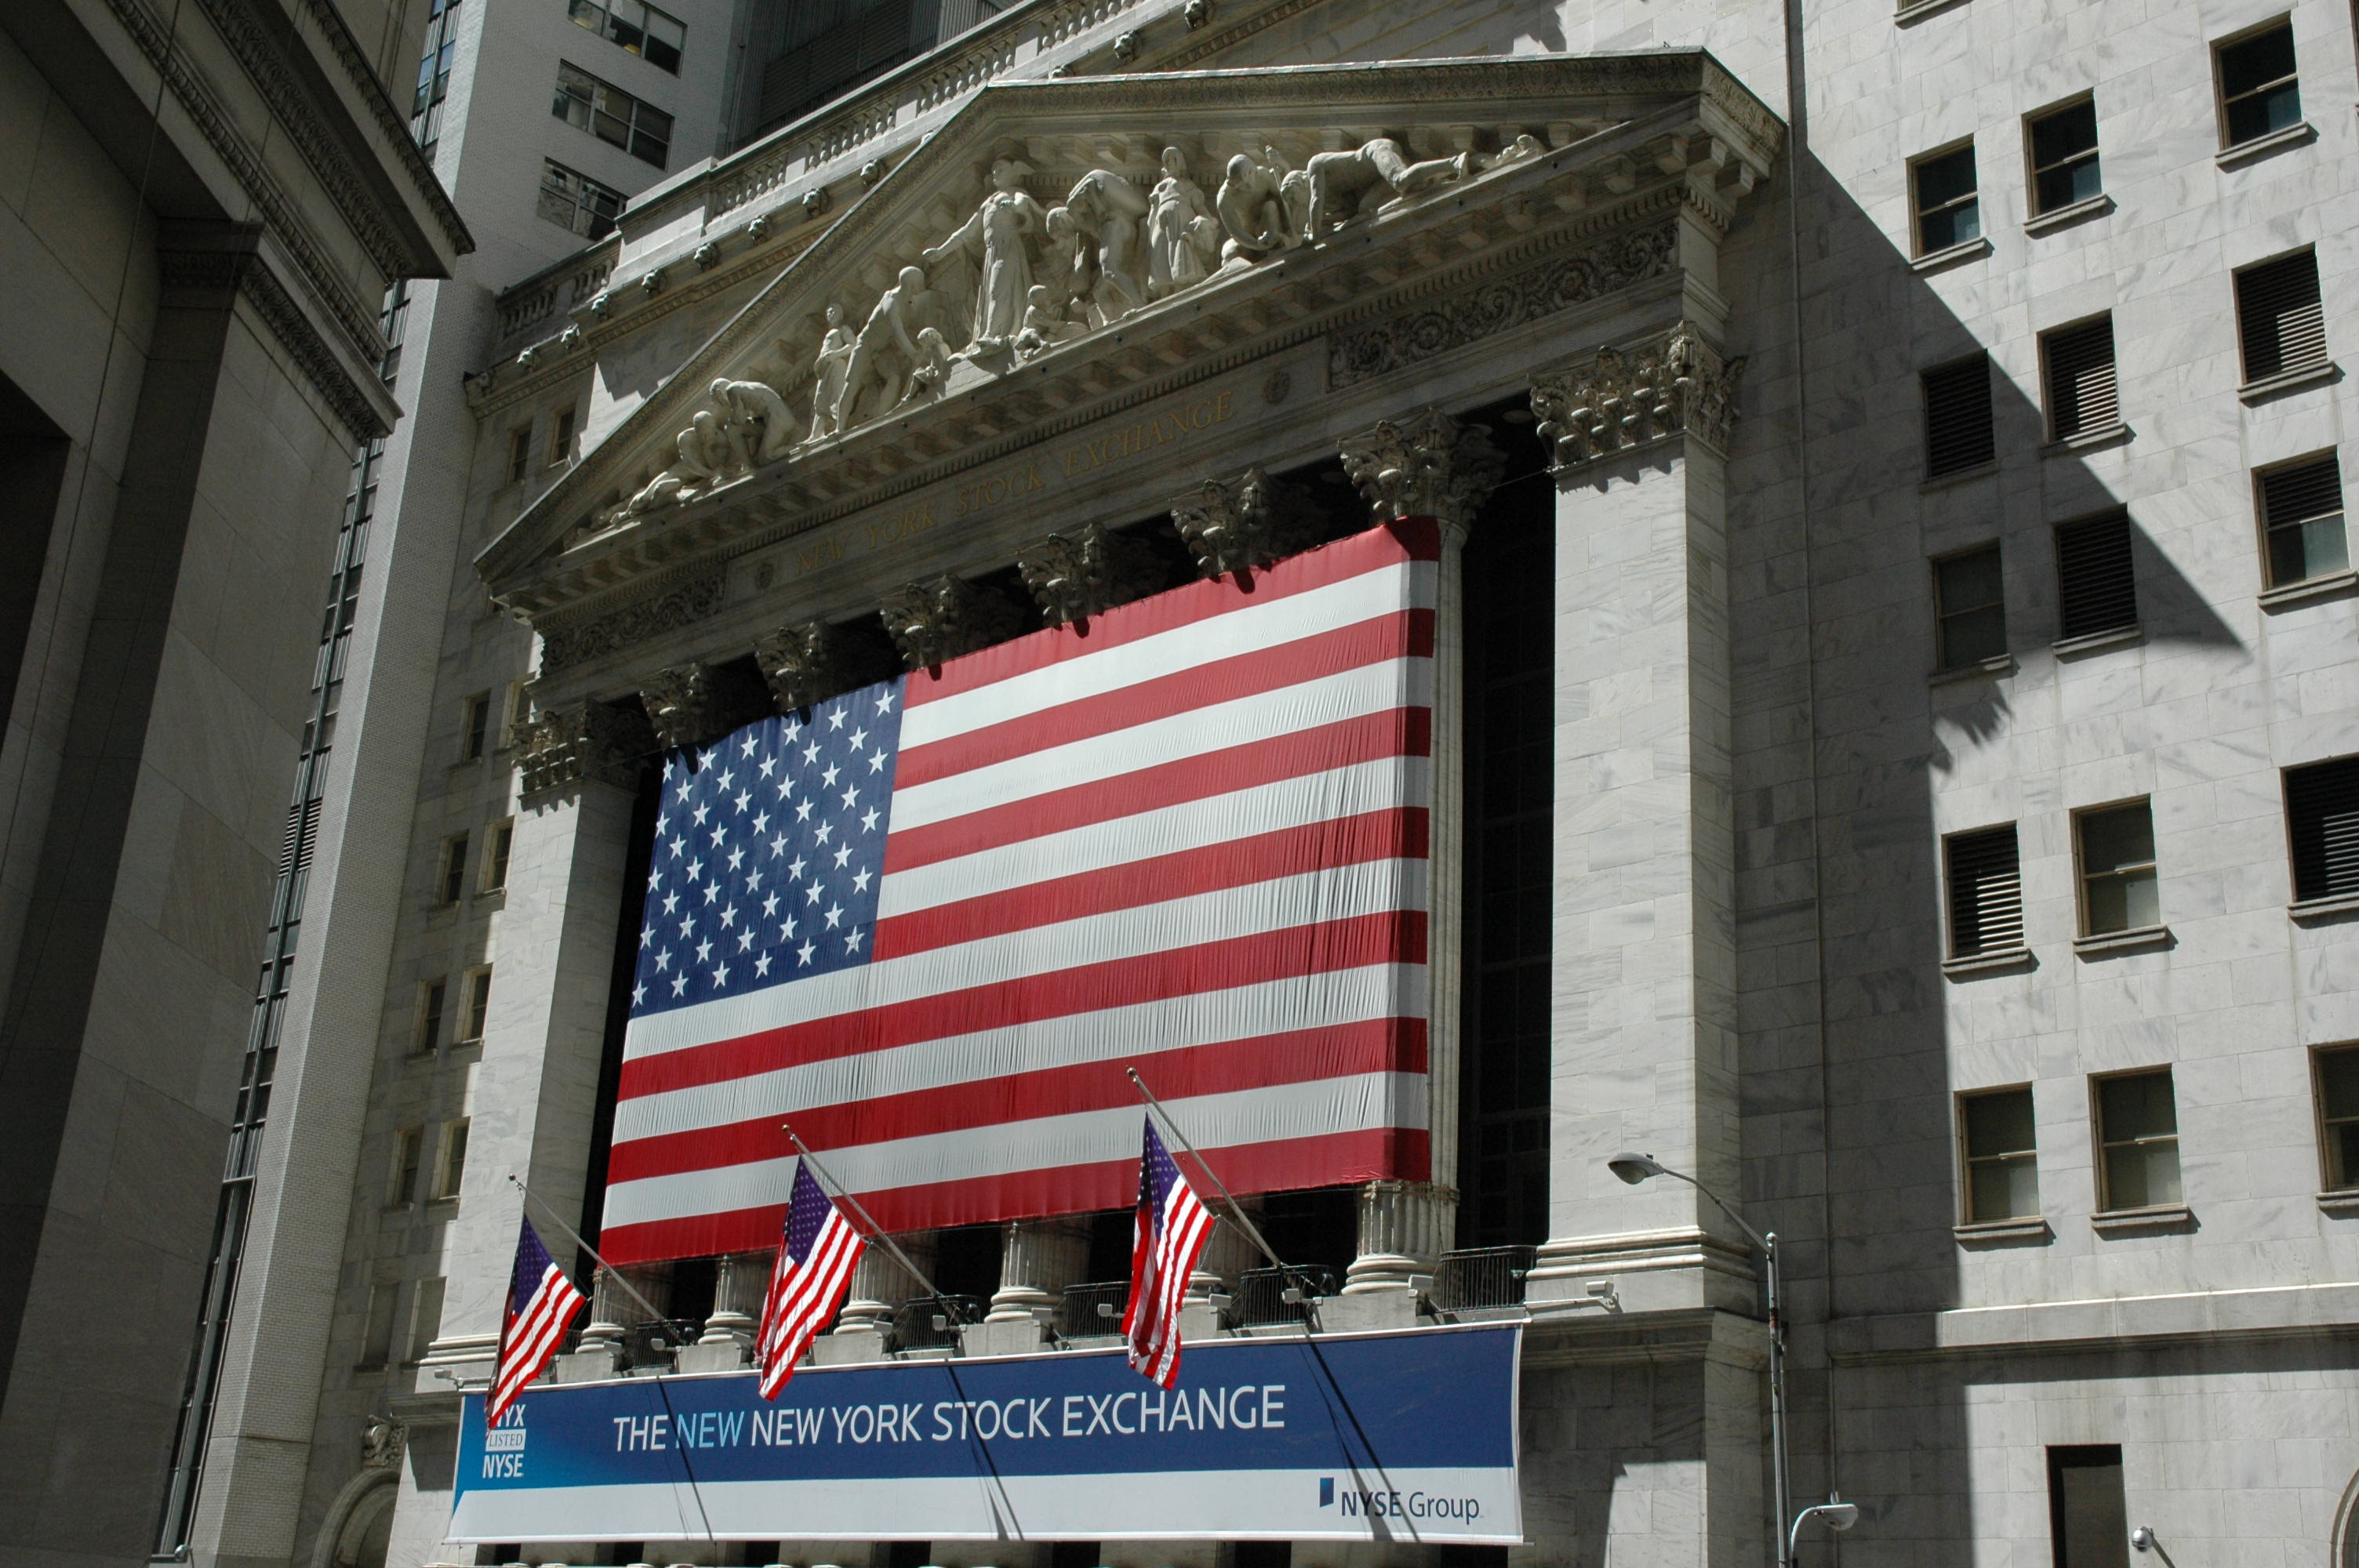 New York Stock Exchange - NYSE